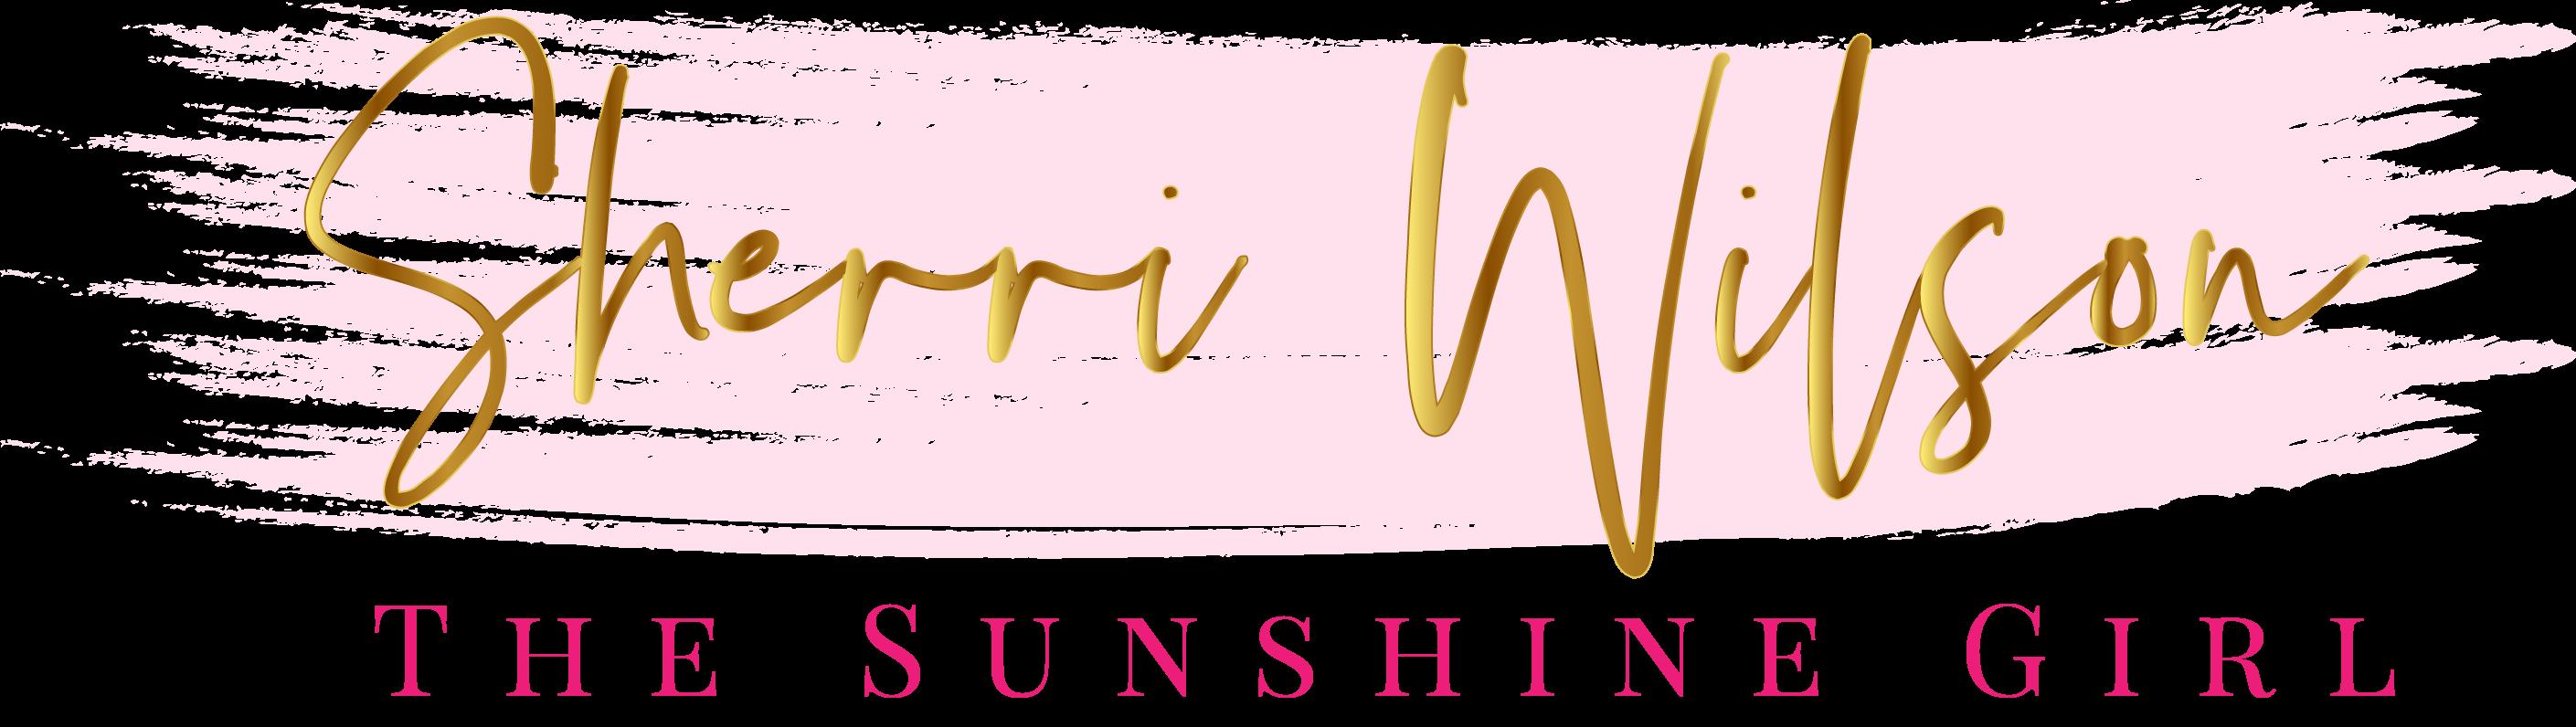 The Sunshine Girl Blog